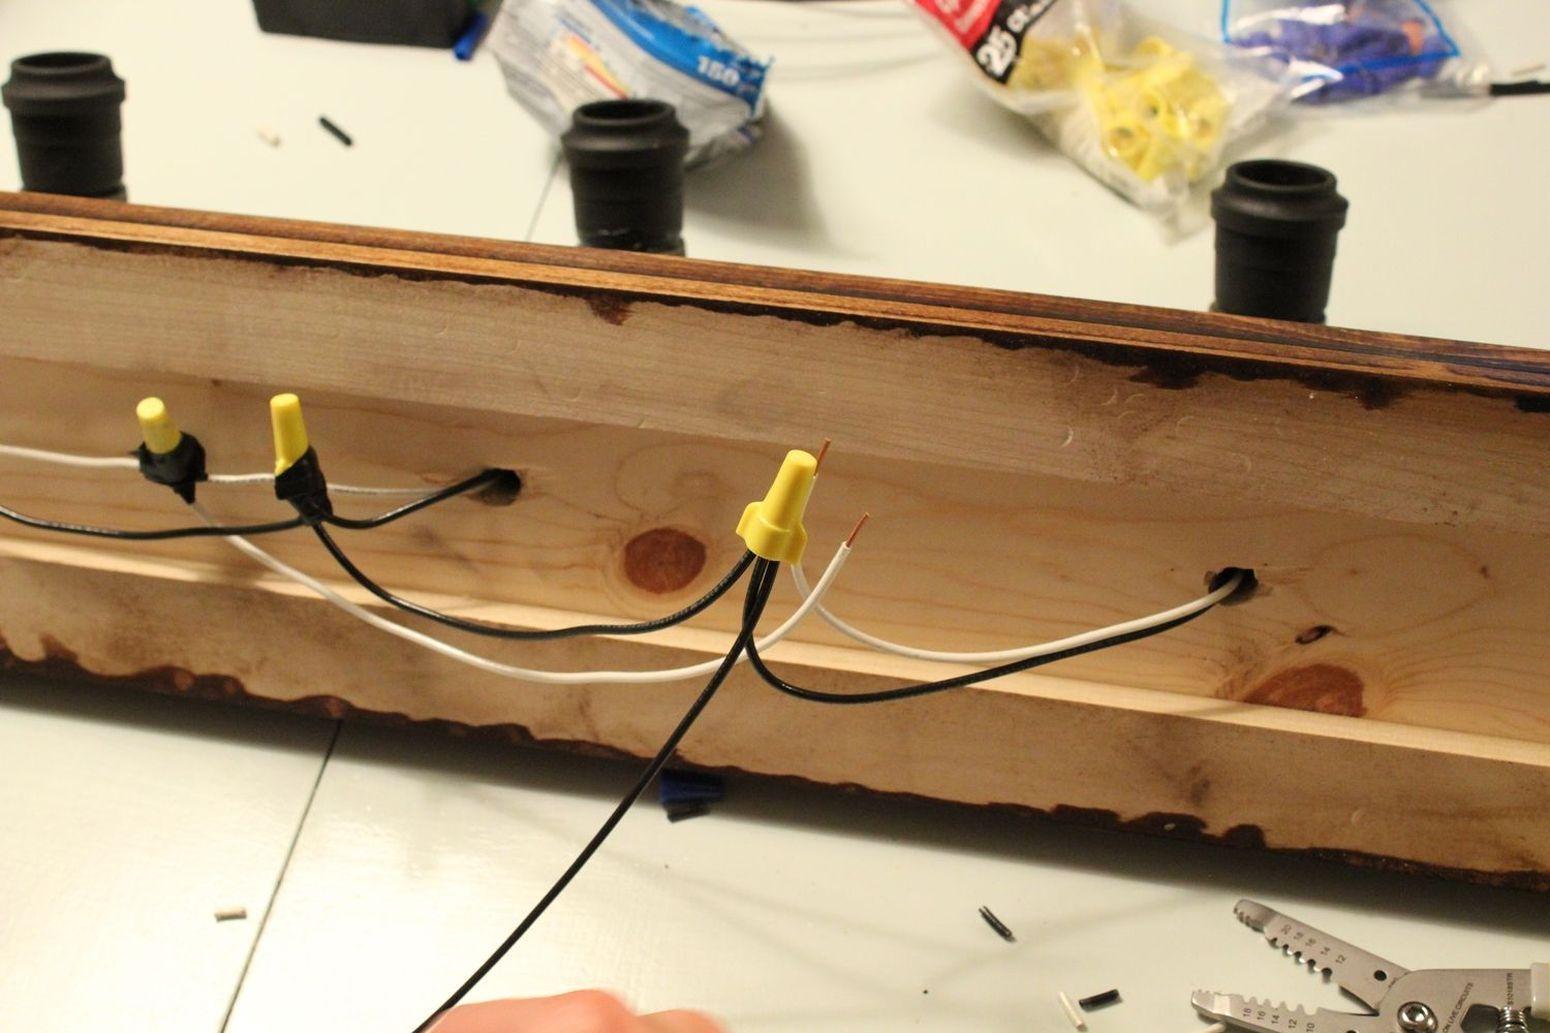 соединяем лампы проводами